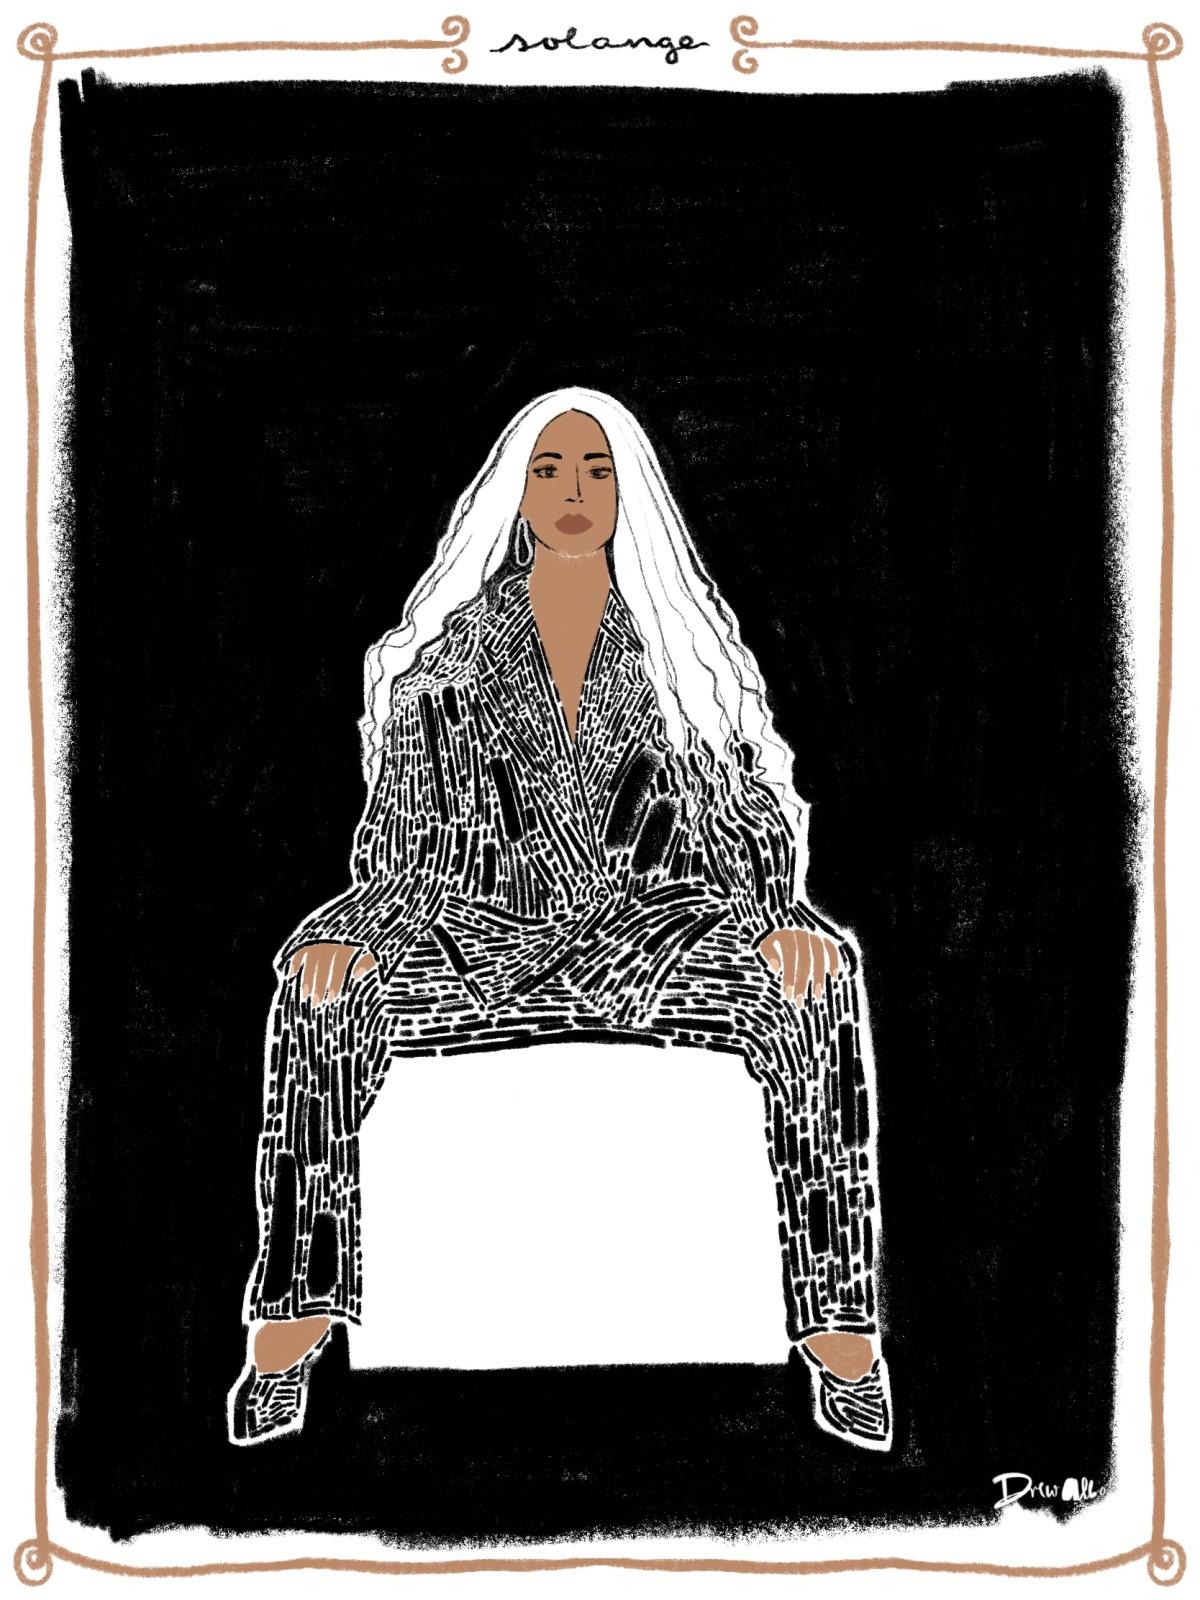 Solange on Black